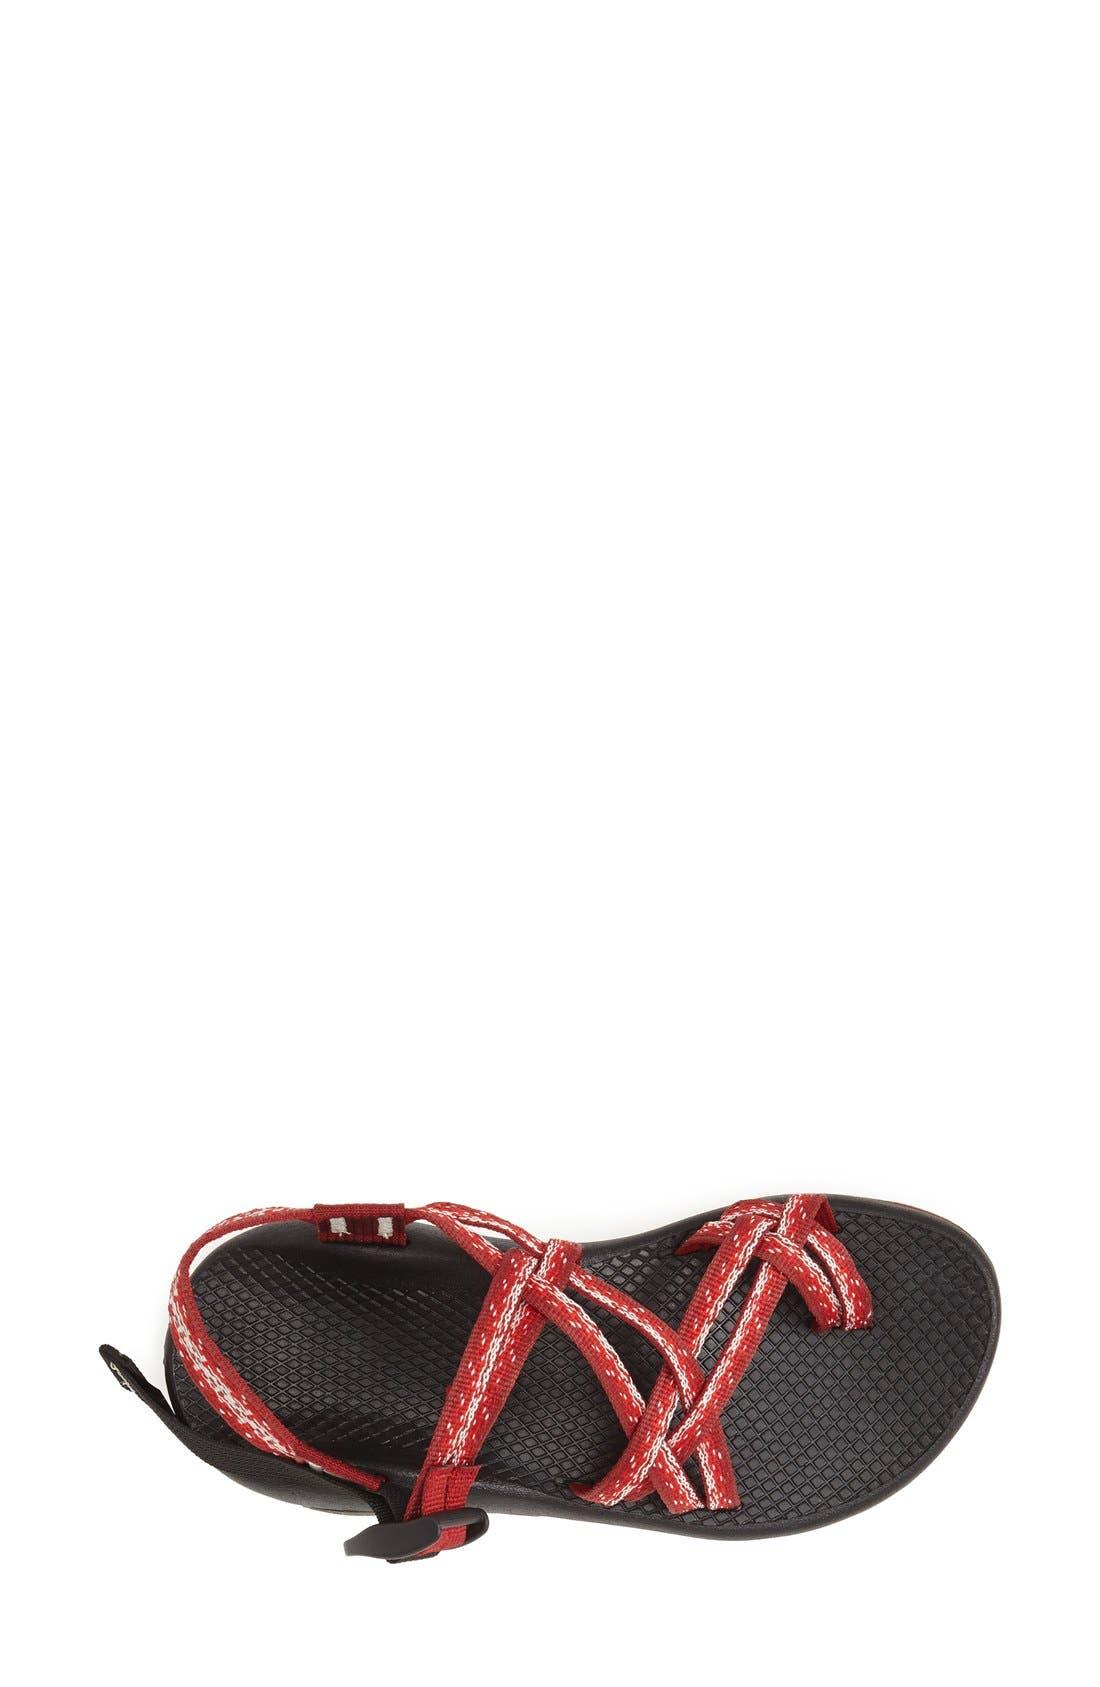 Alternate Image 3  - Chaco 'ZX2 Yampa' Sandal (Women)